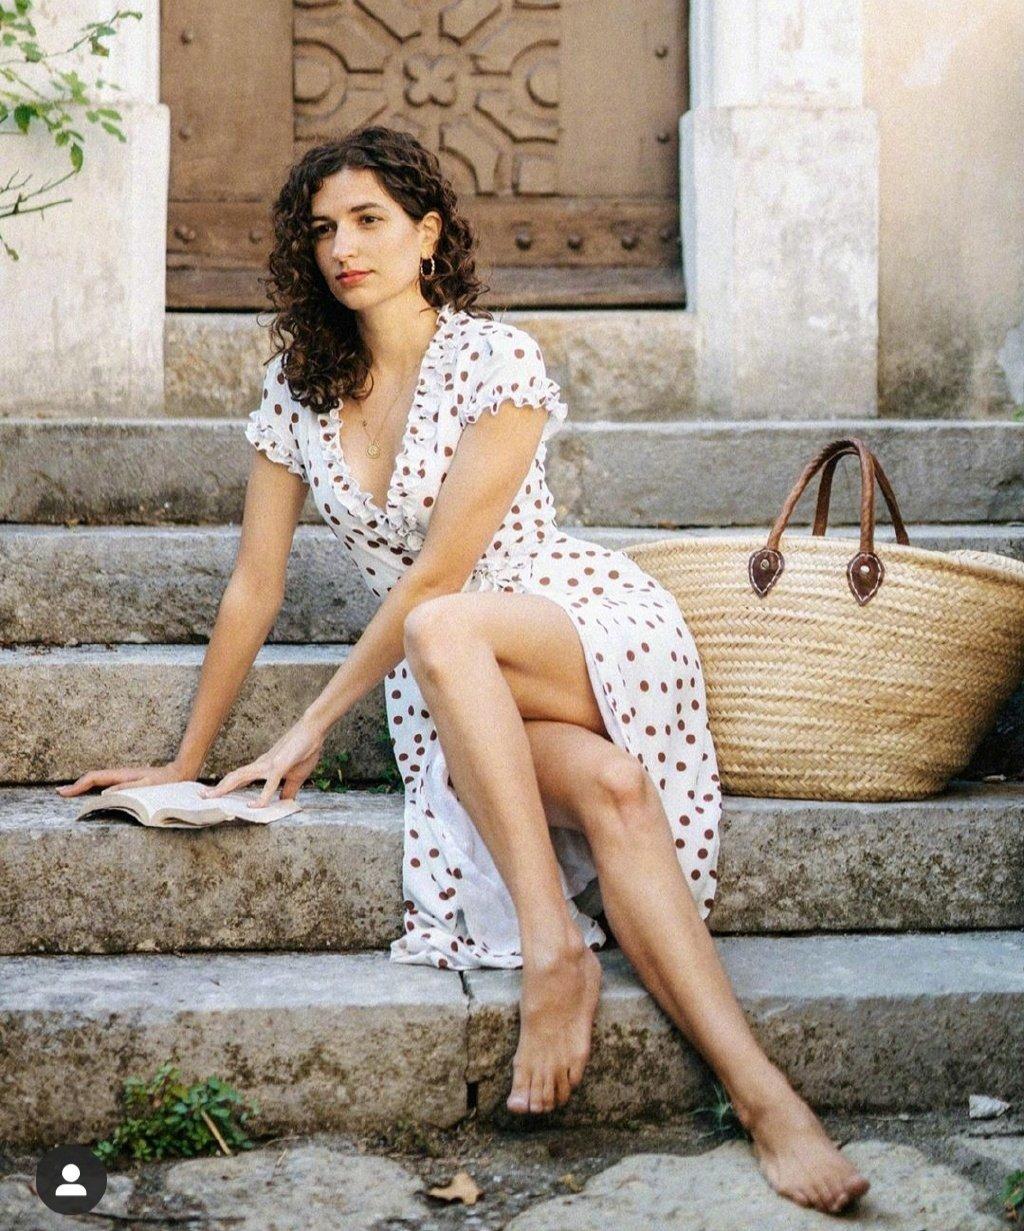 法国博主ariadibari 典型的法式女人